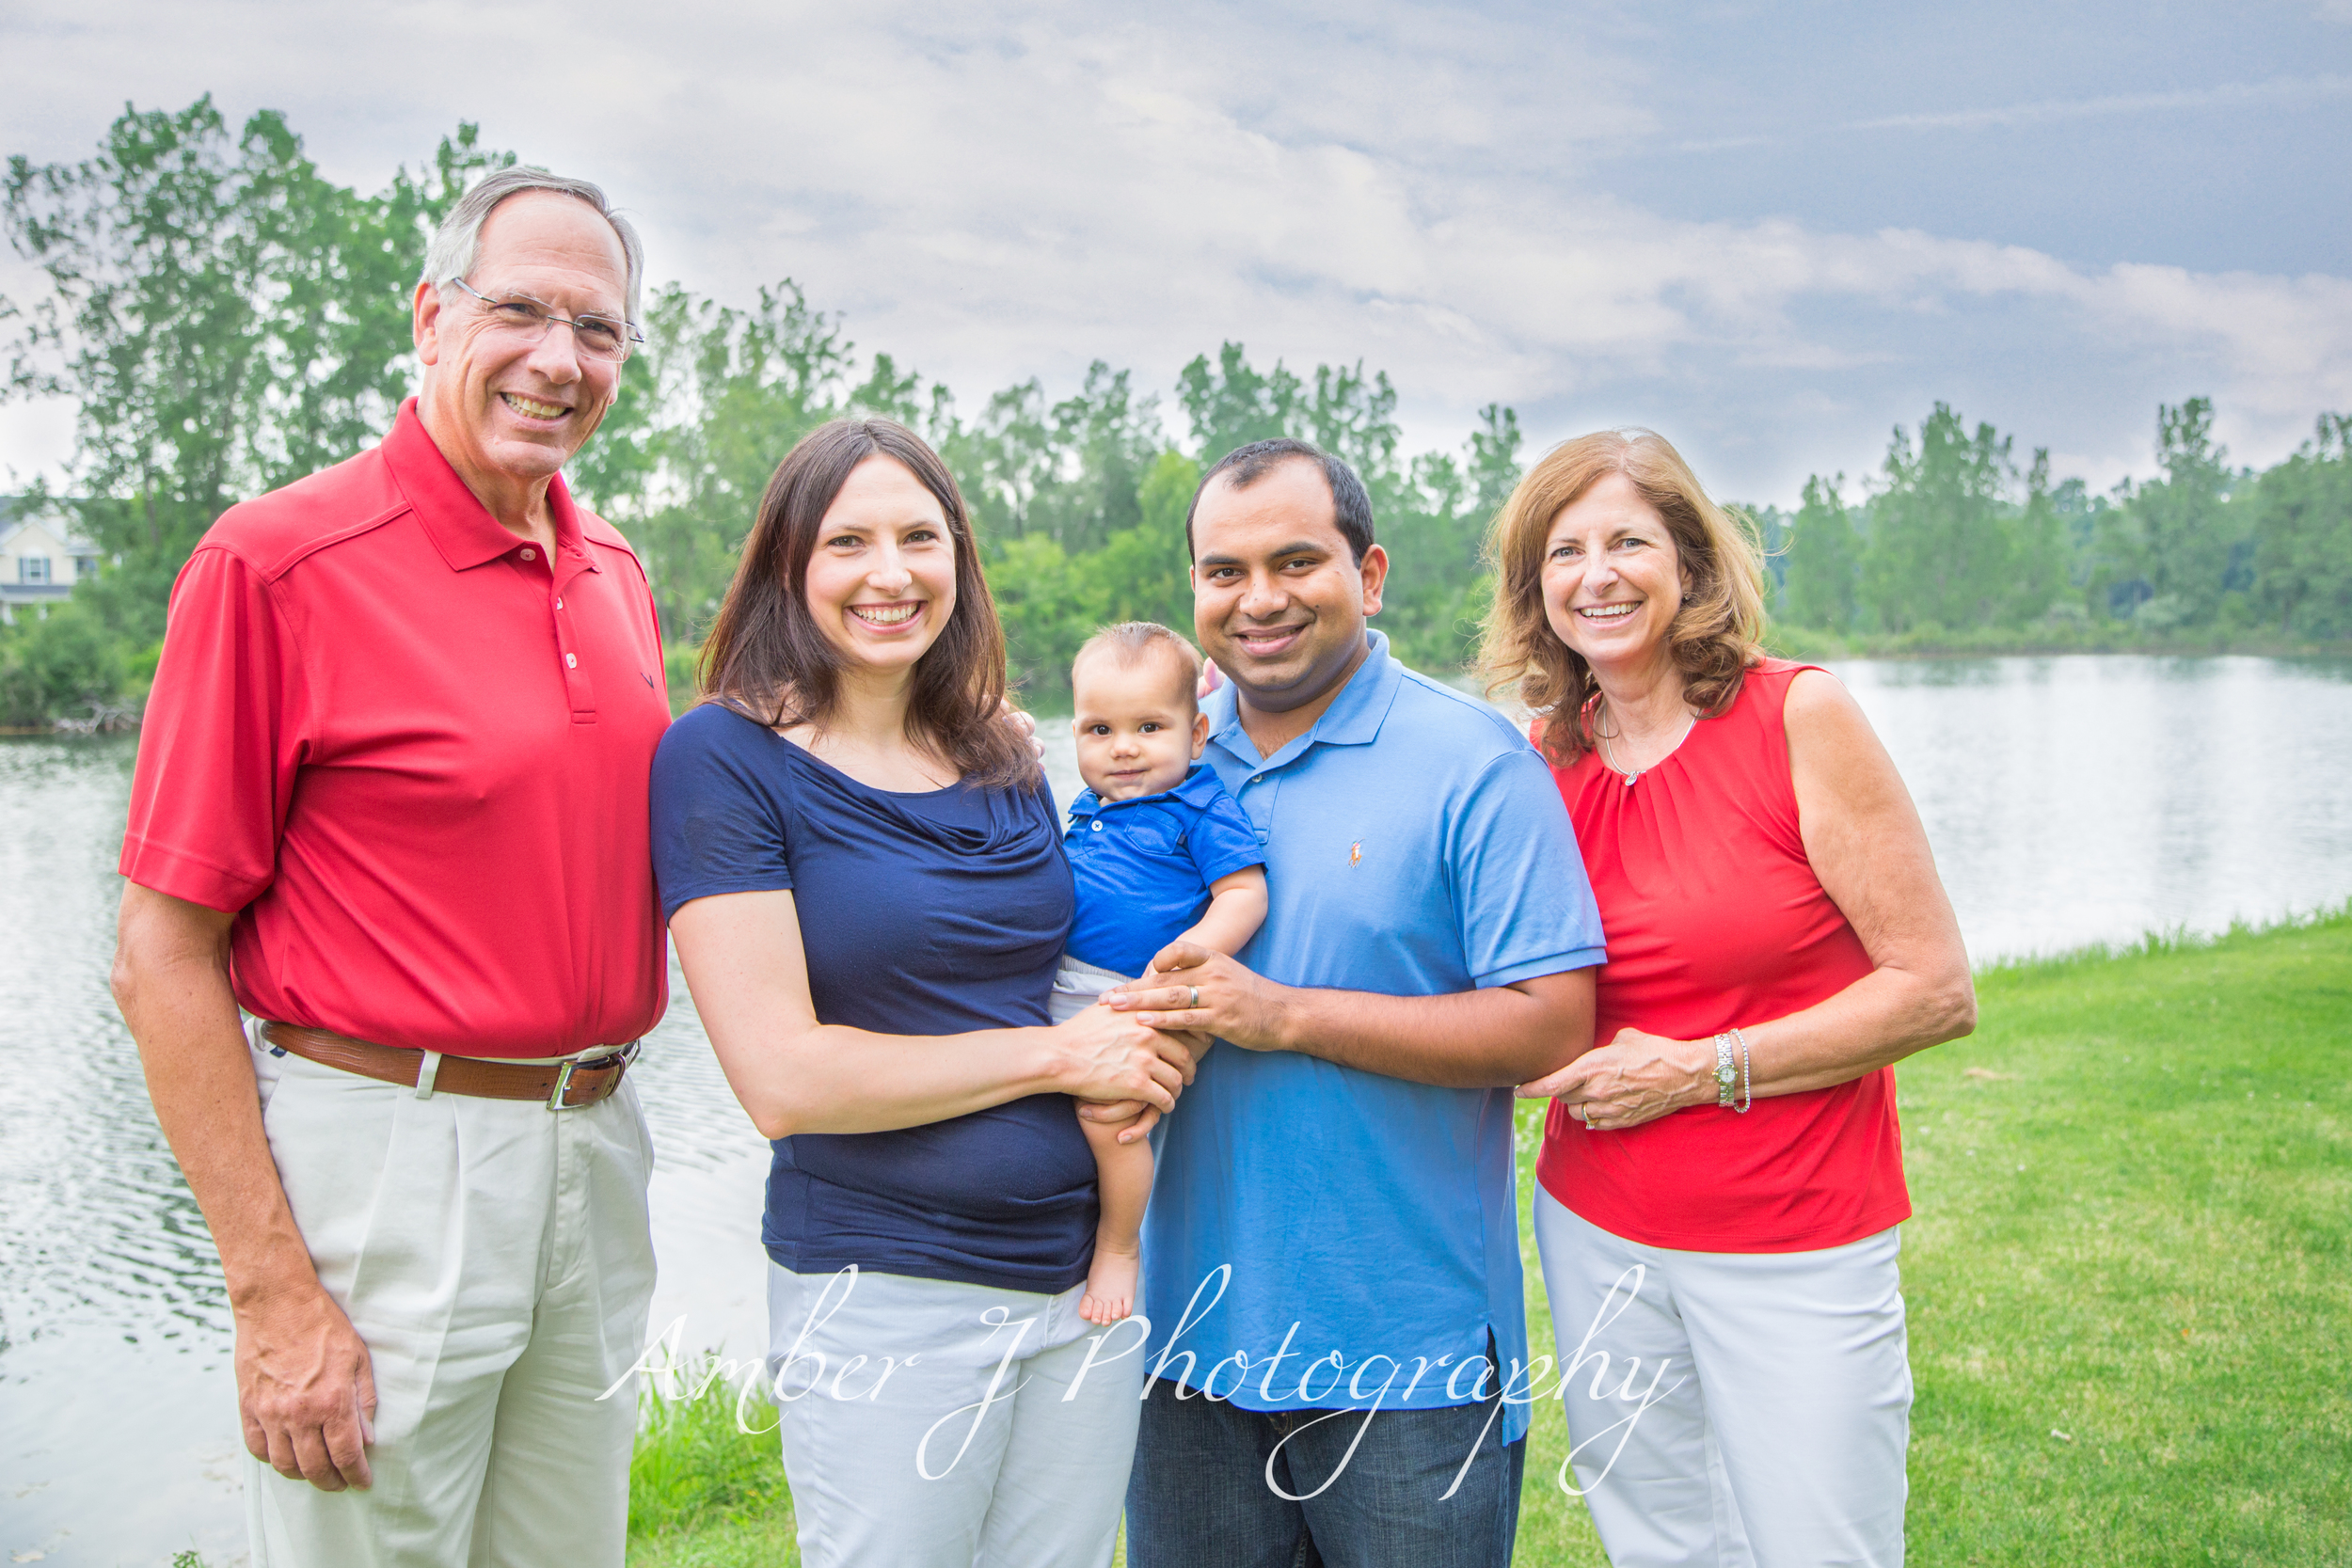 Burrfamily_amberjphotographyblog_06.jpg